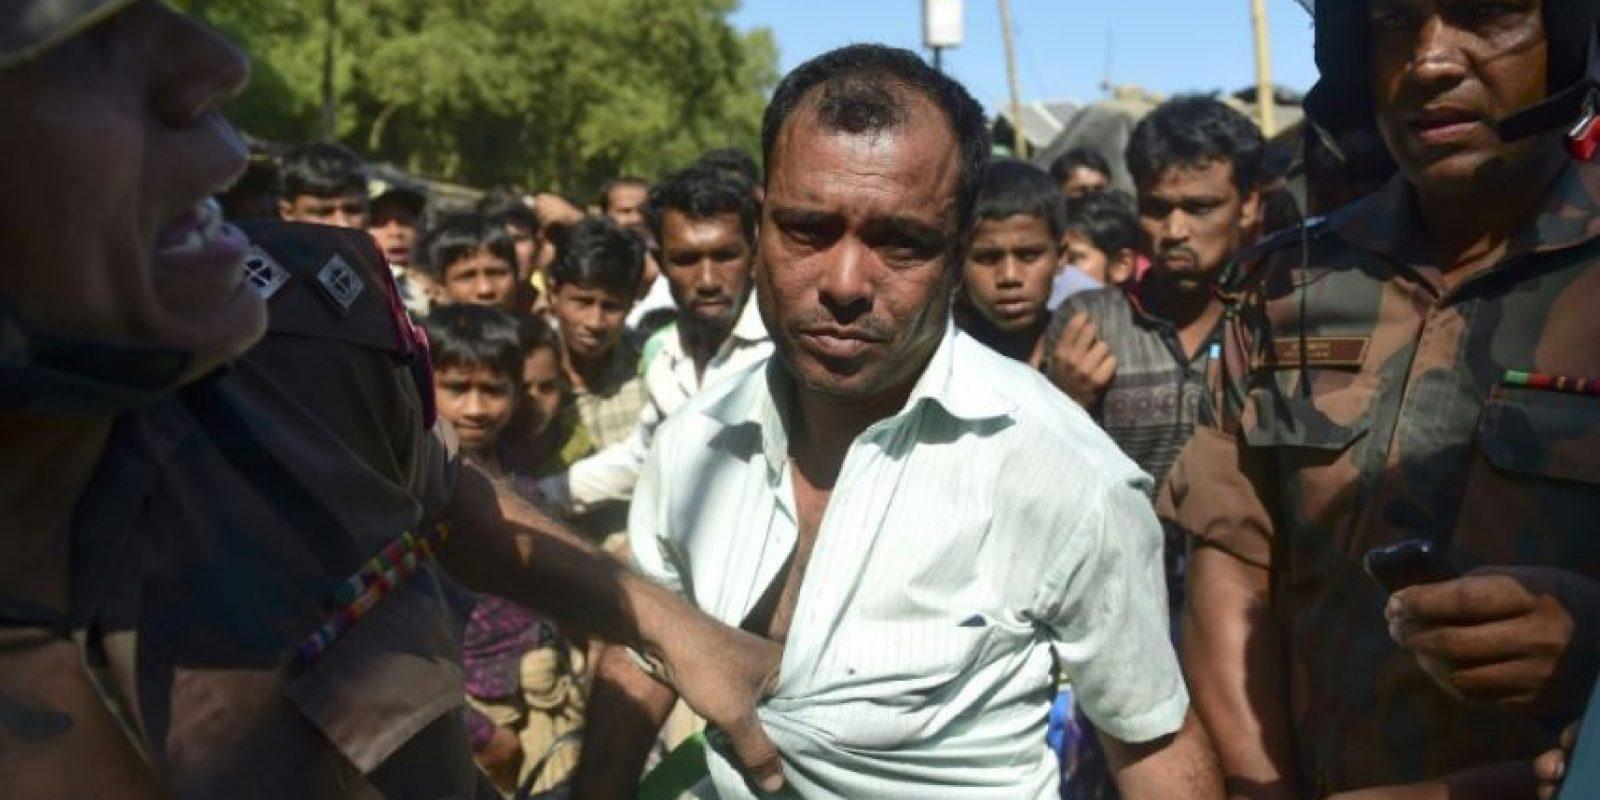 Un guardia de la frontera de Bangladés detiene a un ciudadano sospechoso de espiar para Birmania, en un campo de refugiados en Teknaf, al sur del distrito de Cox's Bazar, Bangladés, el 24 de noviembre de 2016 Foto:Munir Uz Zaman/afp.com